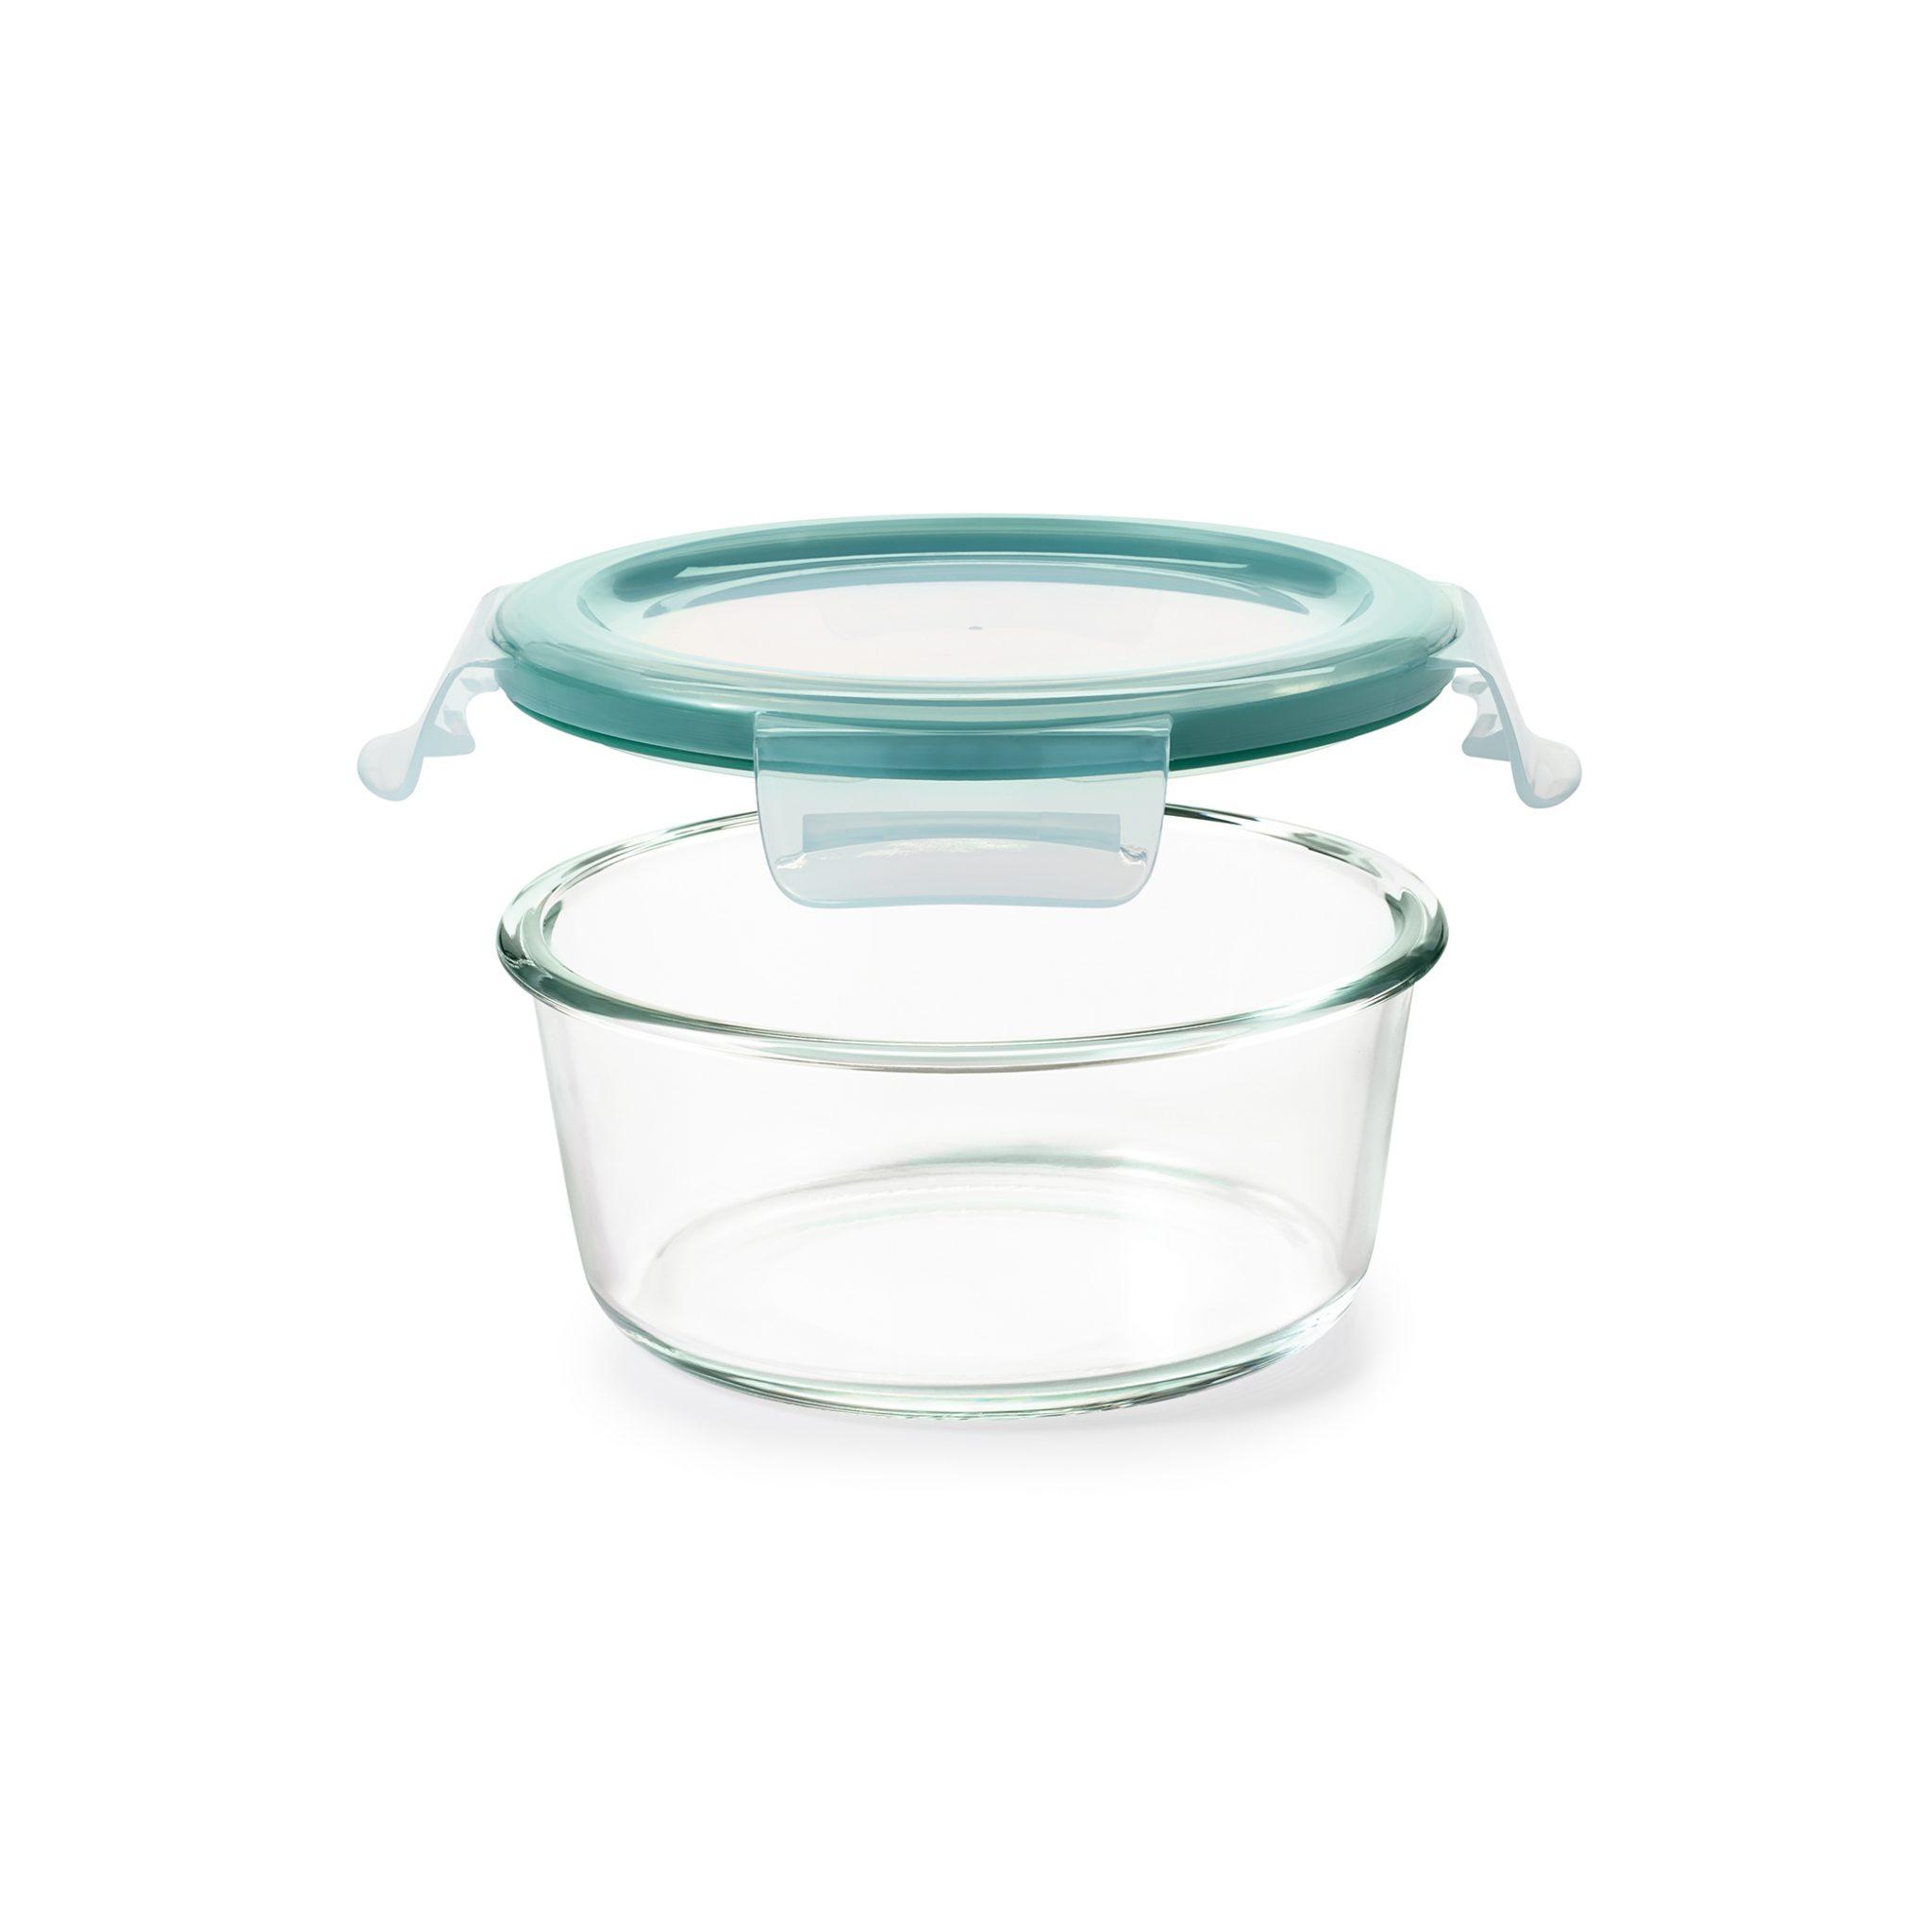 美國 OXO 耐熱玻璃保鮮盒 圓形 940ml